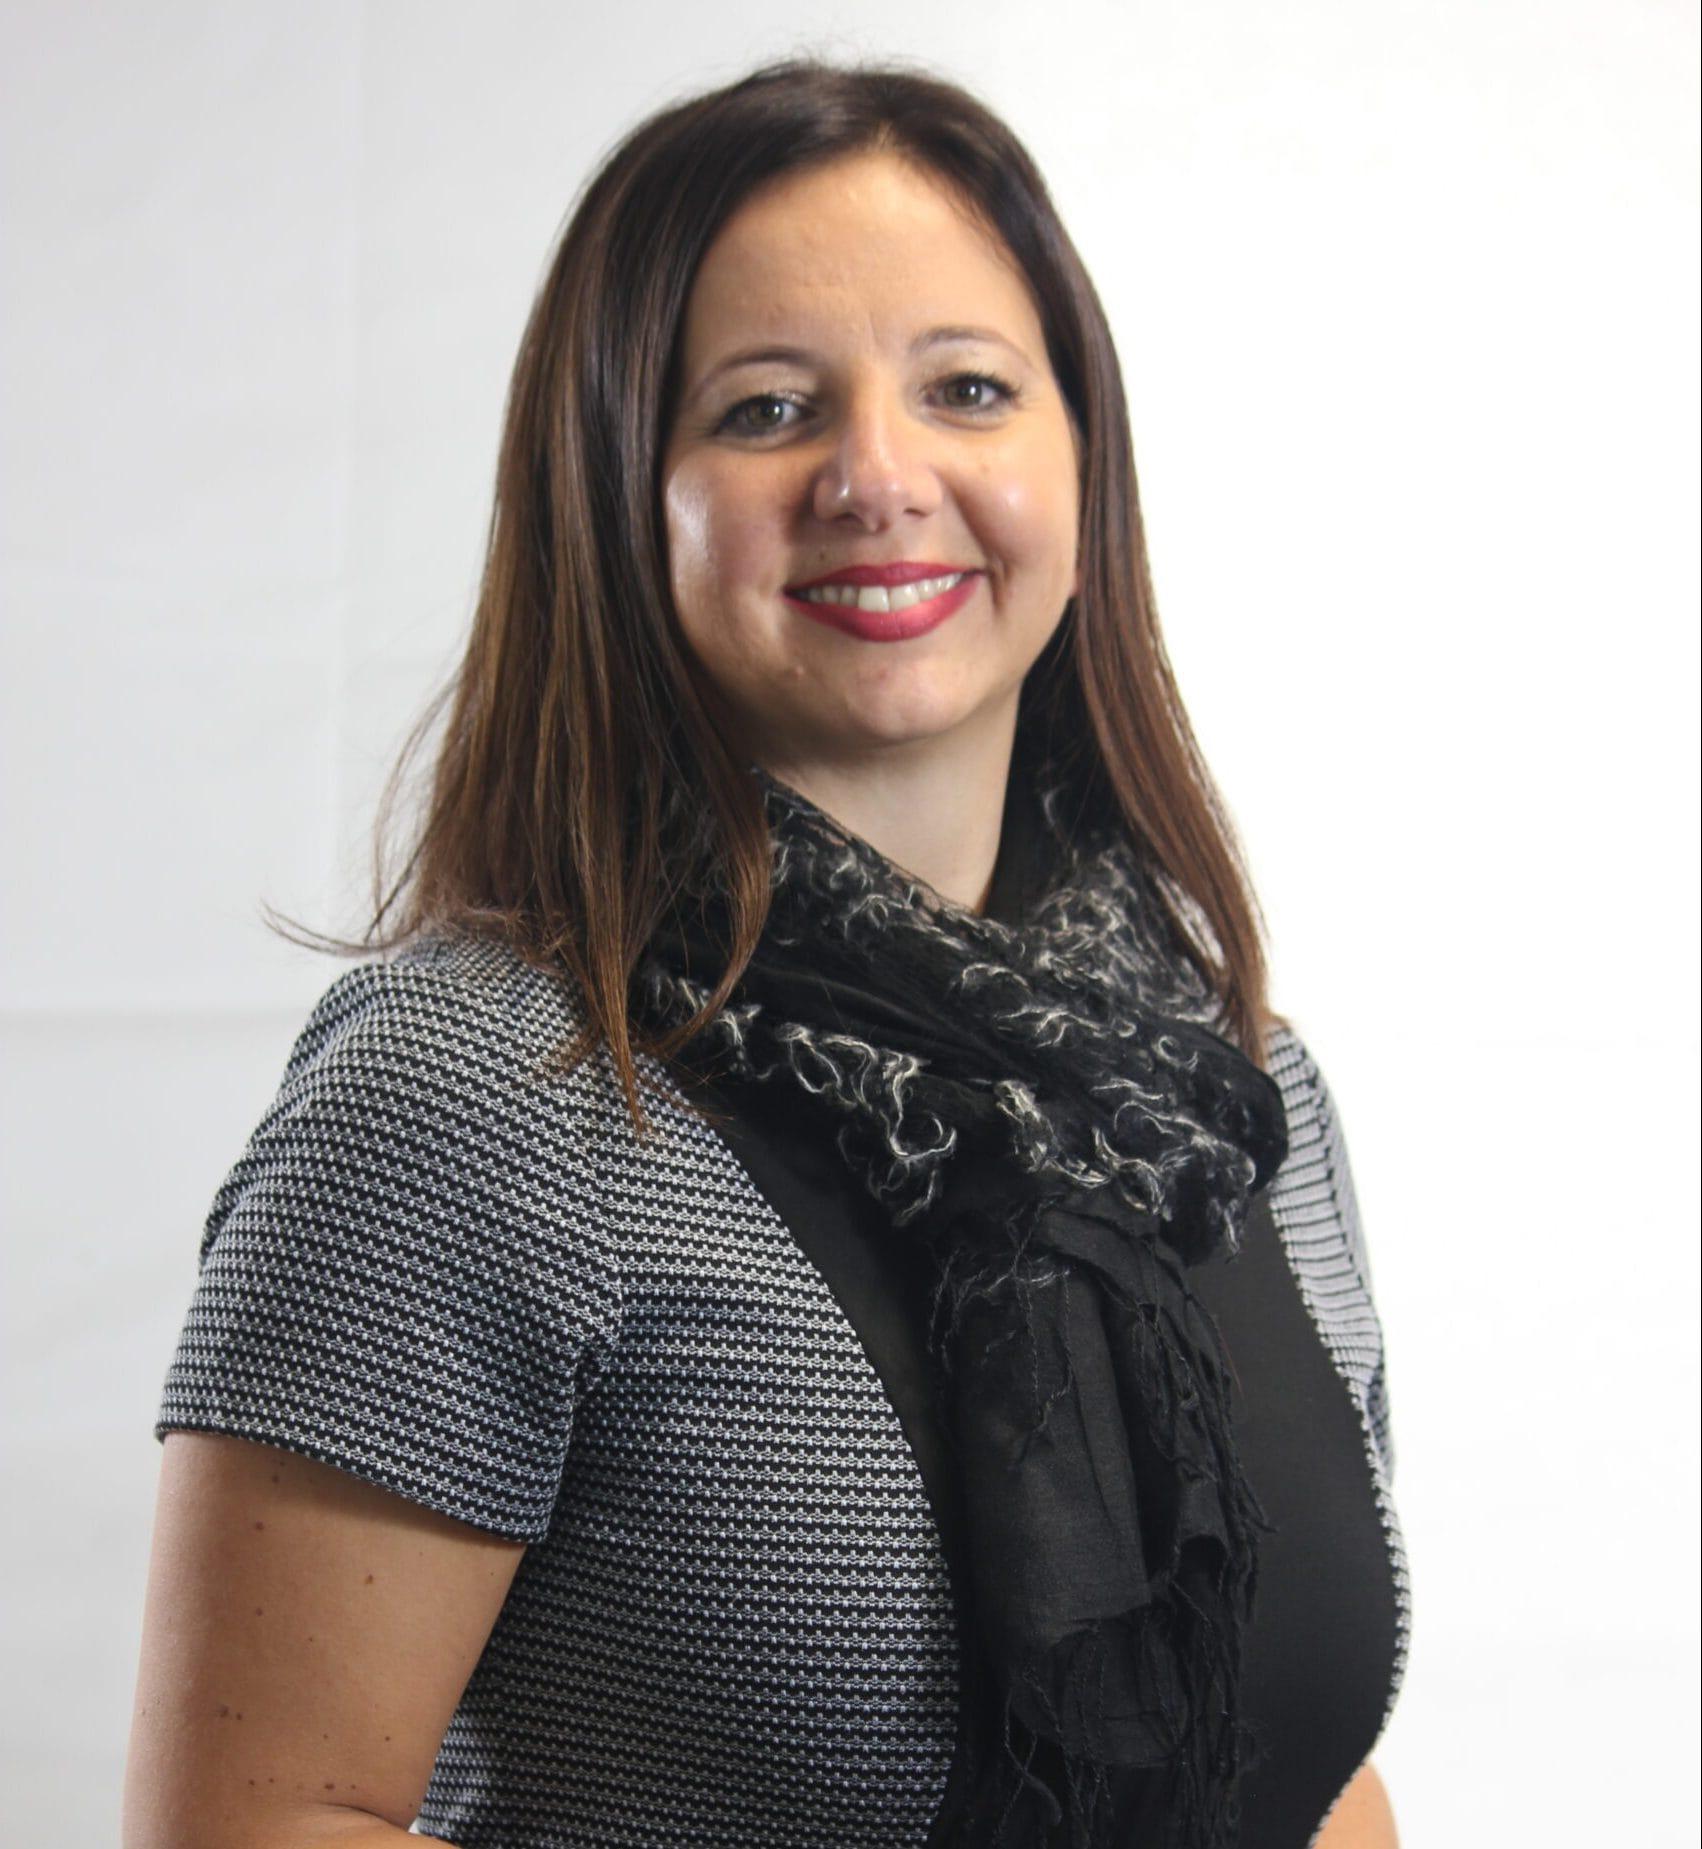 Valeria Mennella